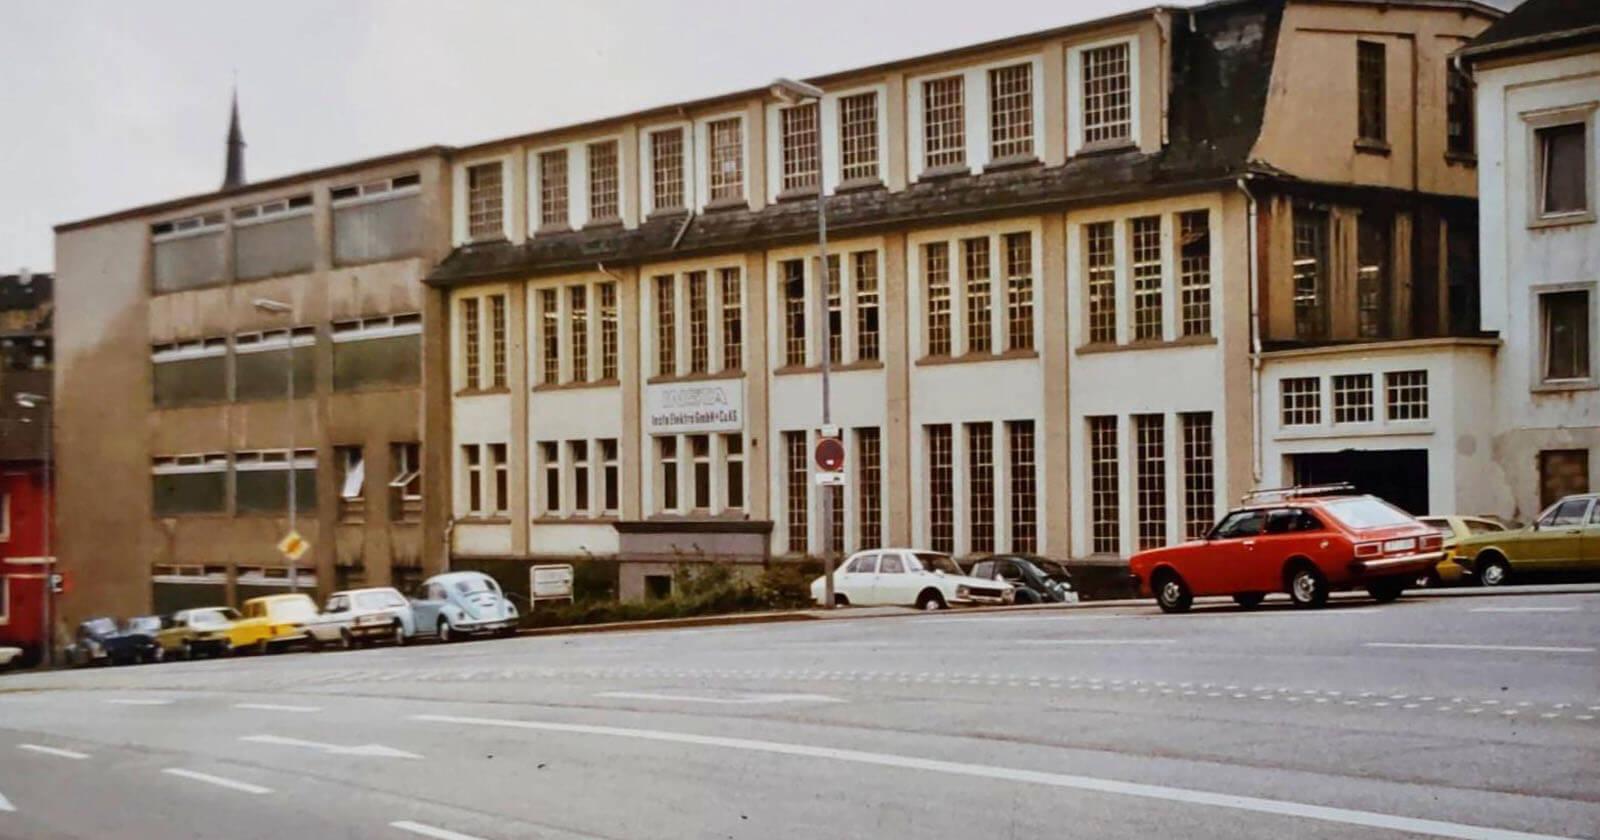 In angemieteten Räumen in Halver bei Lüdenscheid beginnt die Unternehmensgeschichte von Insta.